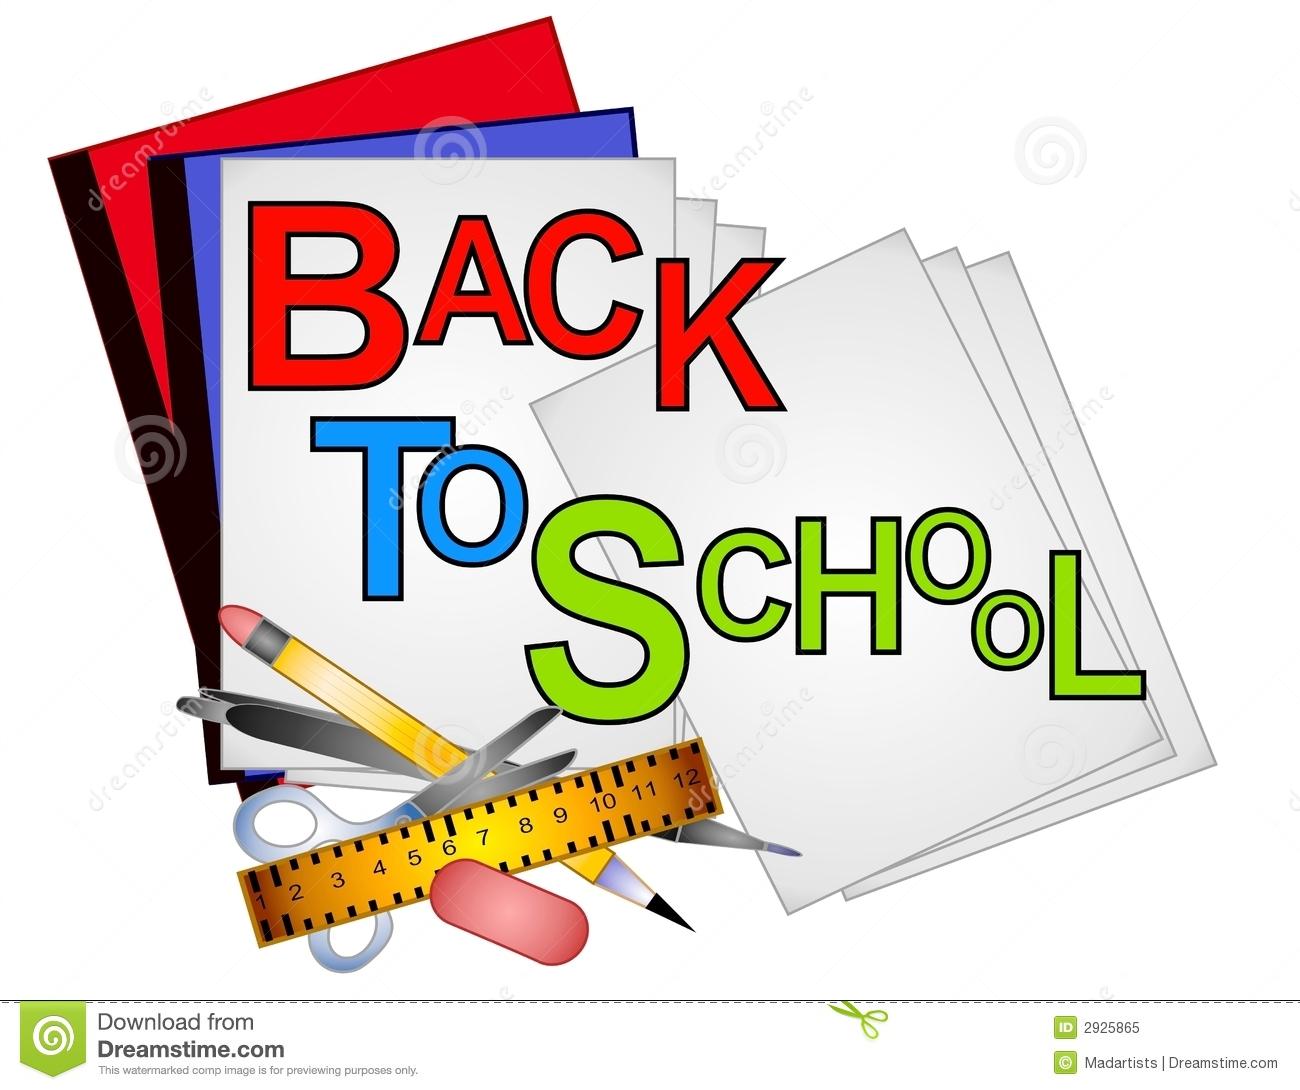 School Supplies Clip Art 4 Royalty Free -School Supplies Clip Art 4 Royalty Free Stock Photo-12